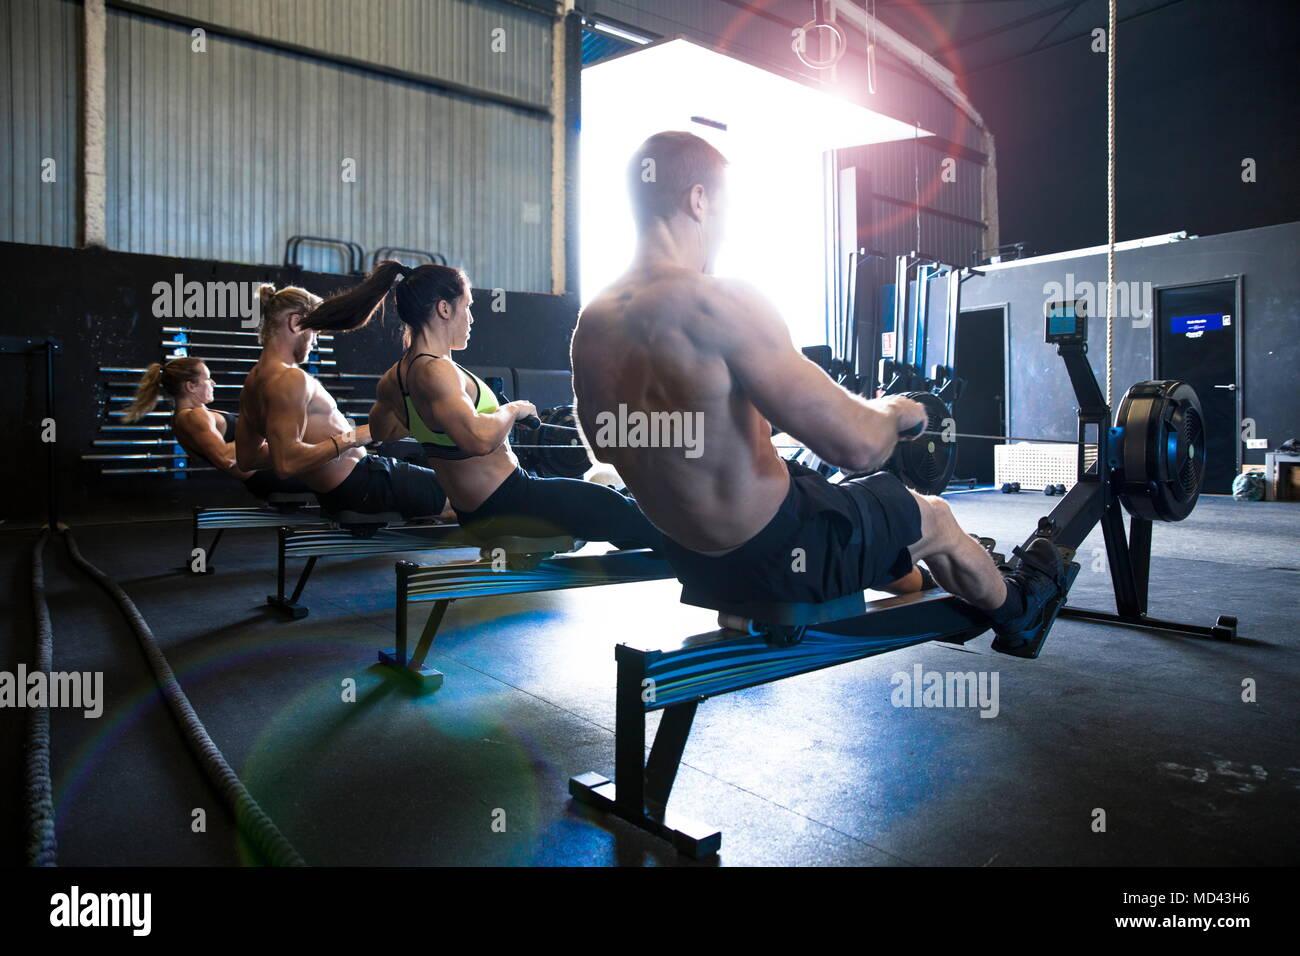 Gruppe von Menschen trainieren im Fitnessraum, Rudergeräte, Rückansicht Stockfoto